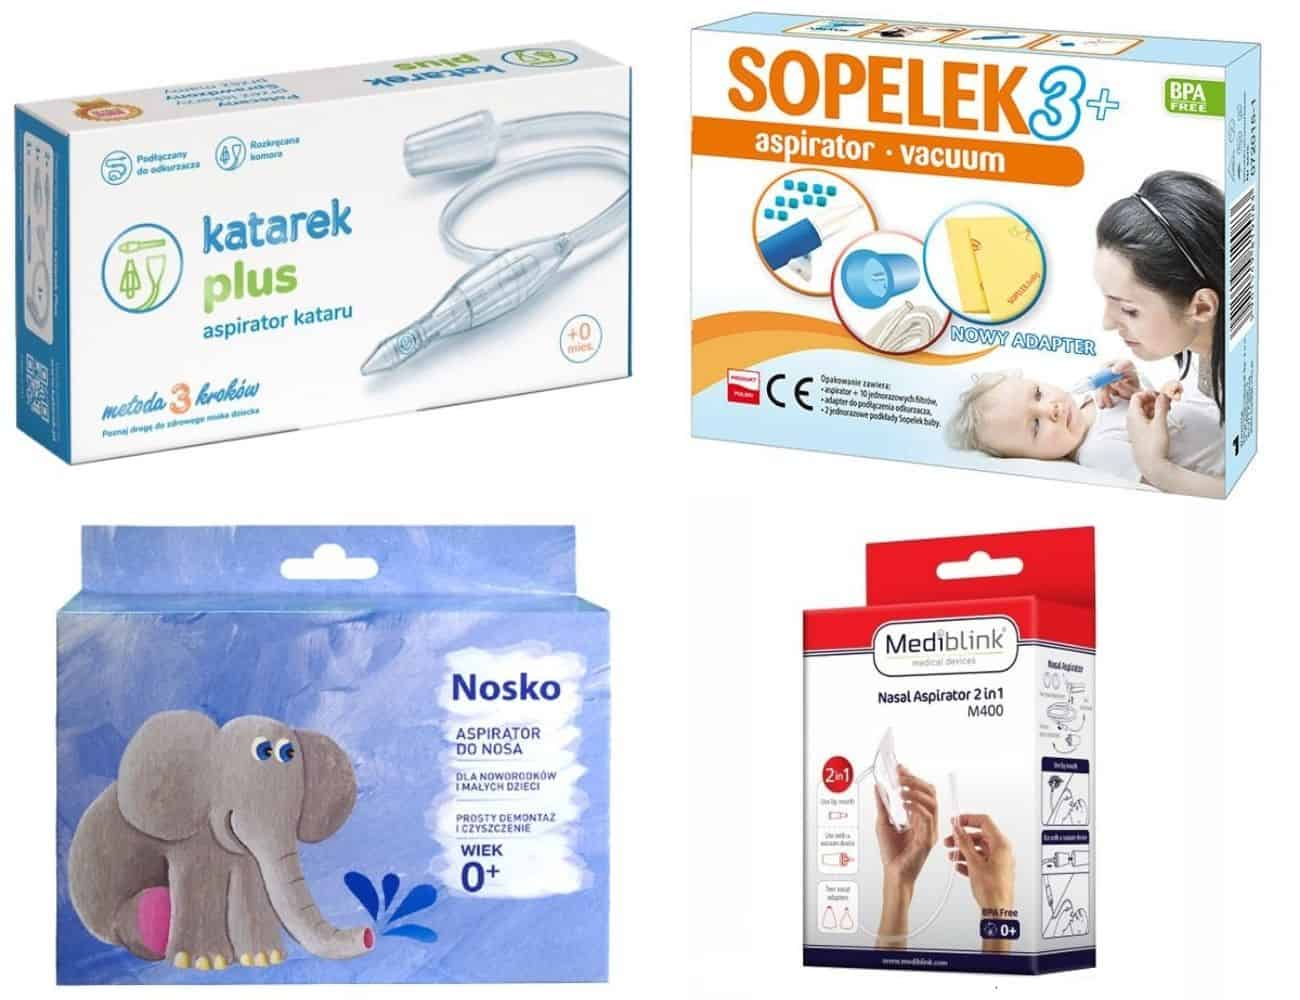 Aspirator donosa doodkurzacza dla niemowląt idzieci, Katarek, Nosko, Sopelek 3, Matka Aptekarka